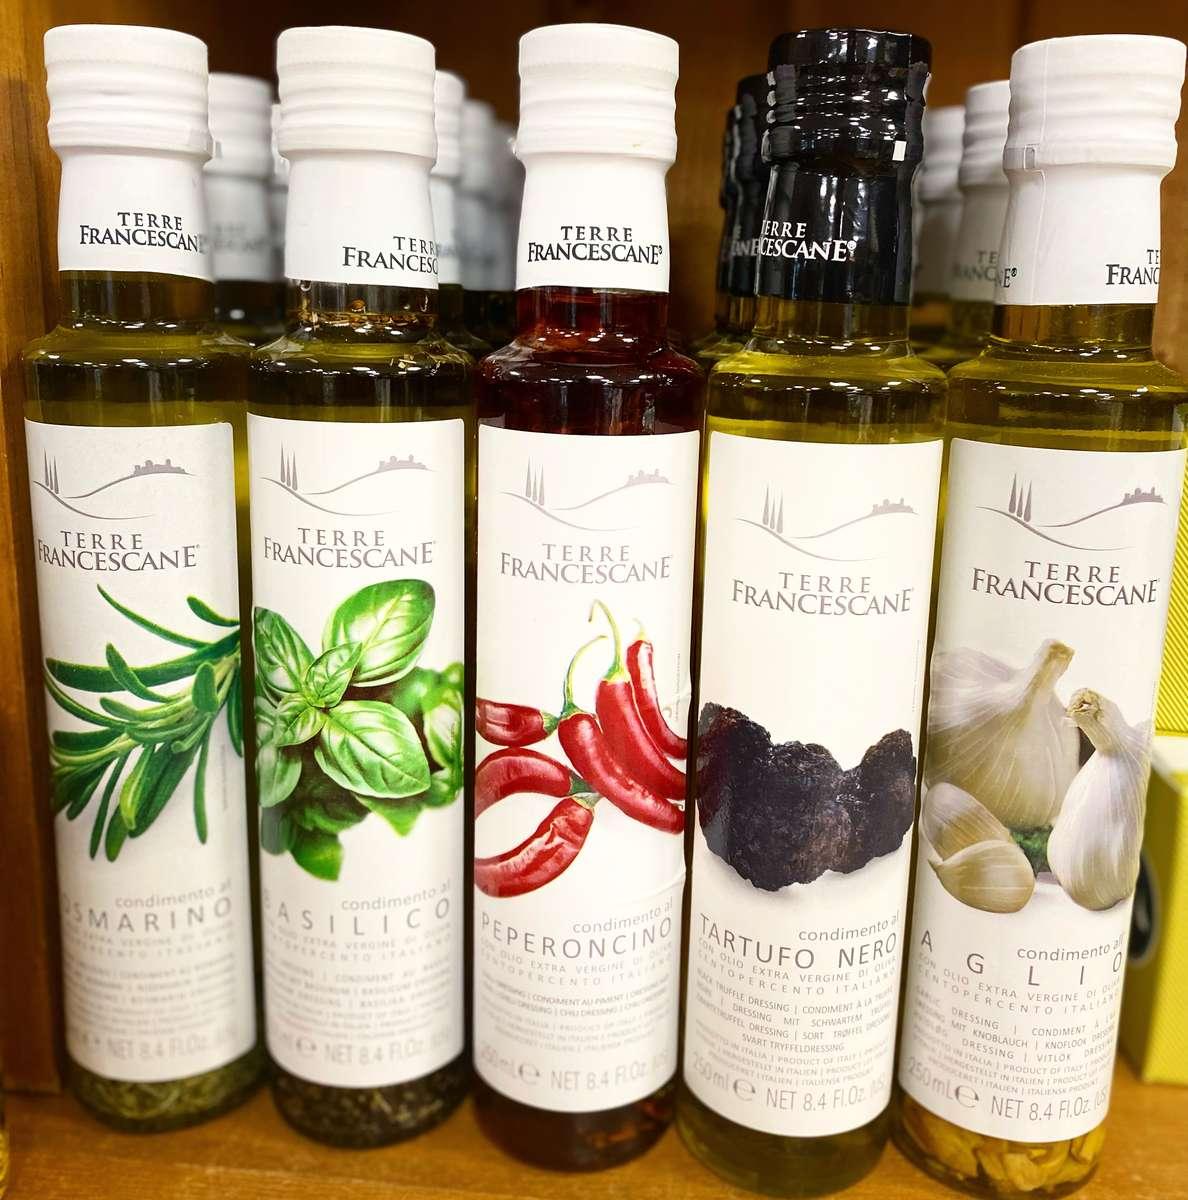 Terre Francescane Extra Virgin Olive Oils